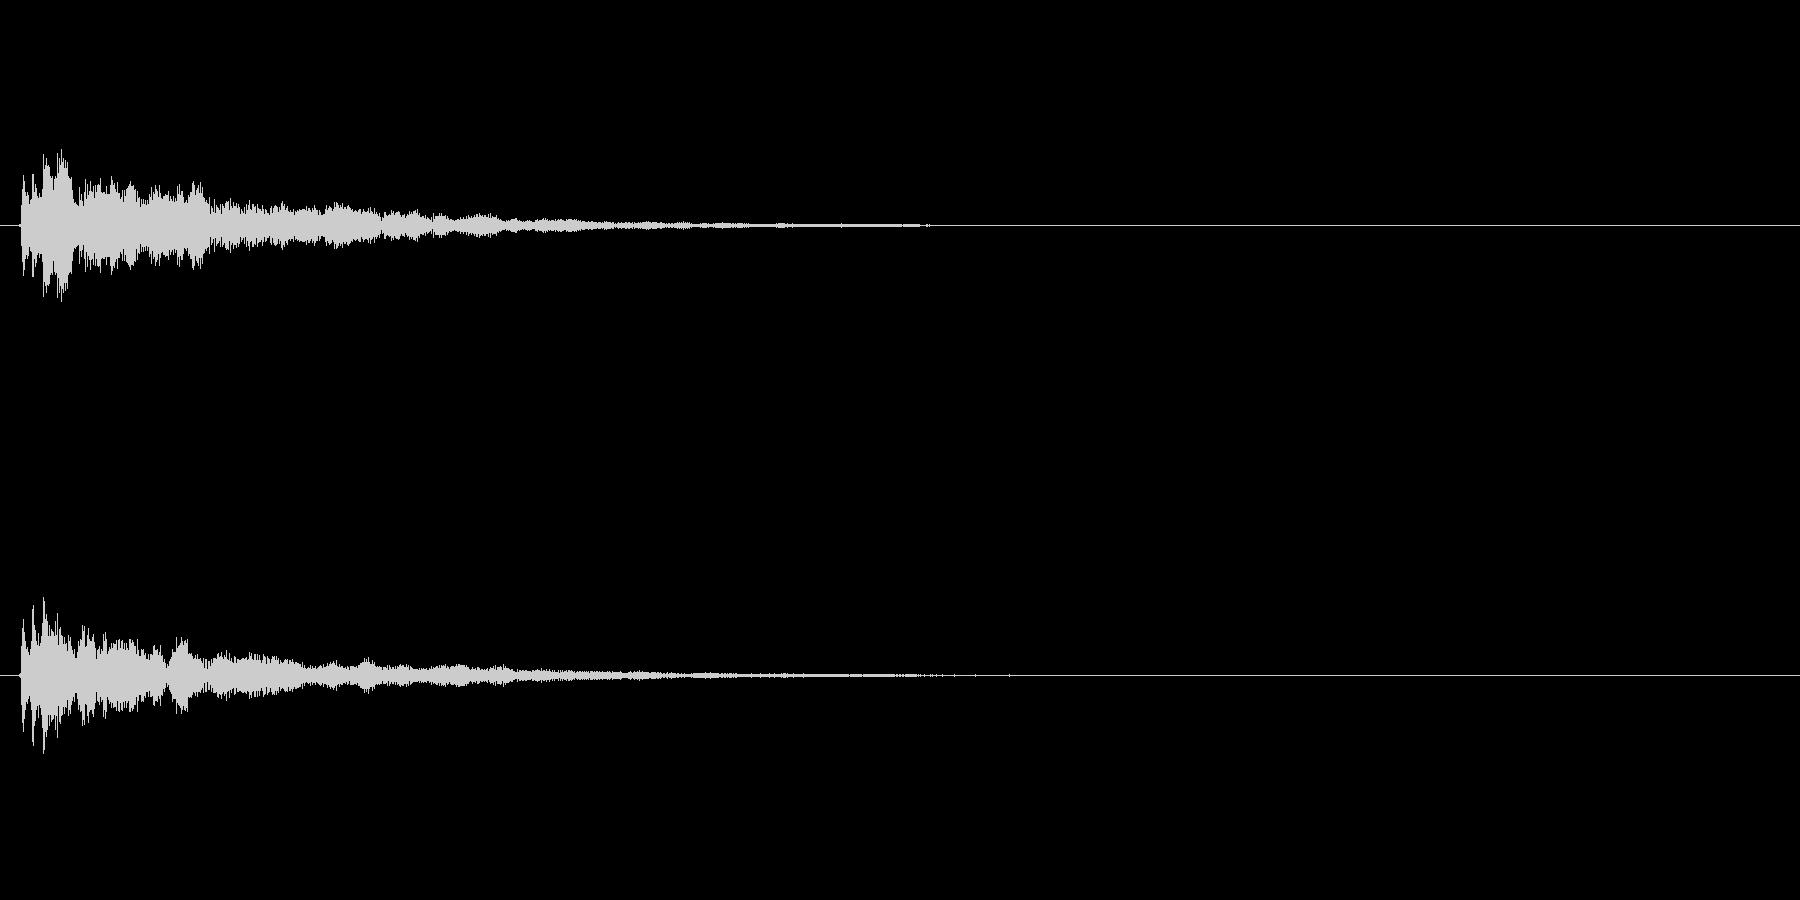 サウンドロゴ(企業ロゴ)_021の未再生の波形